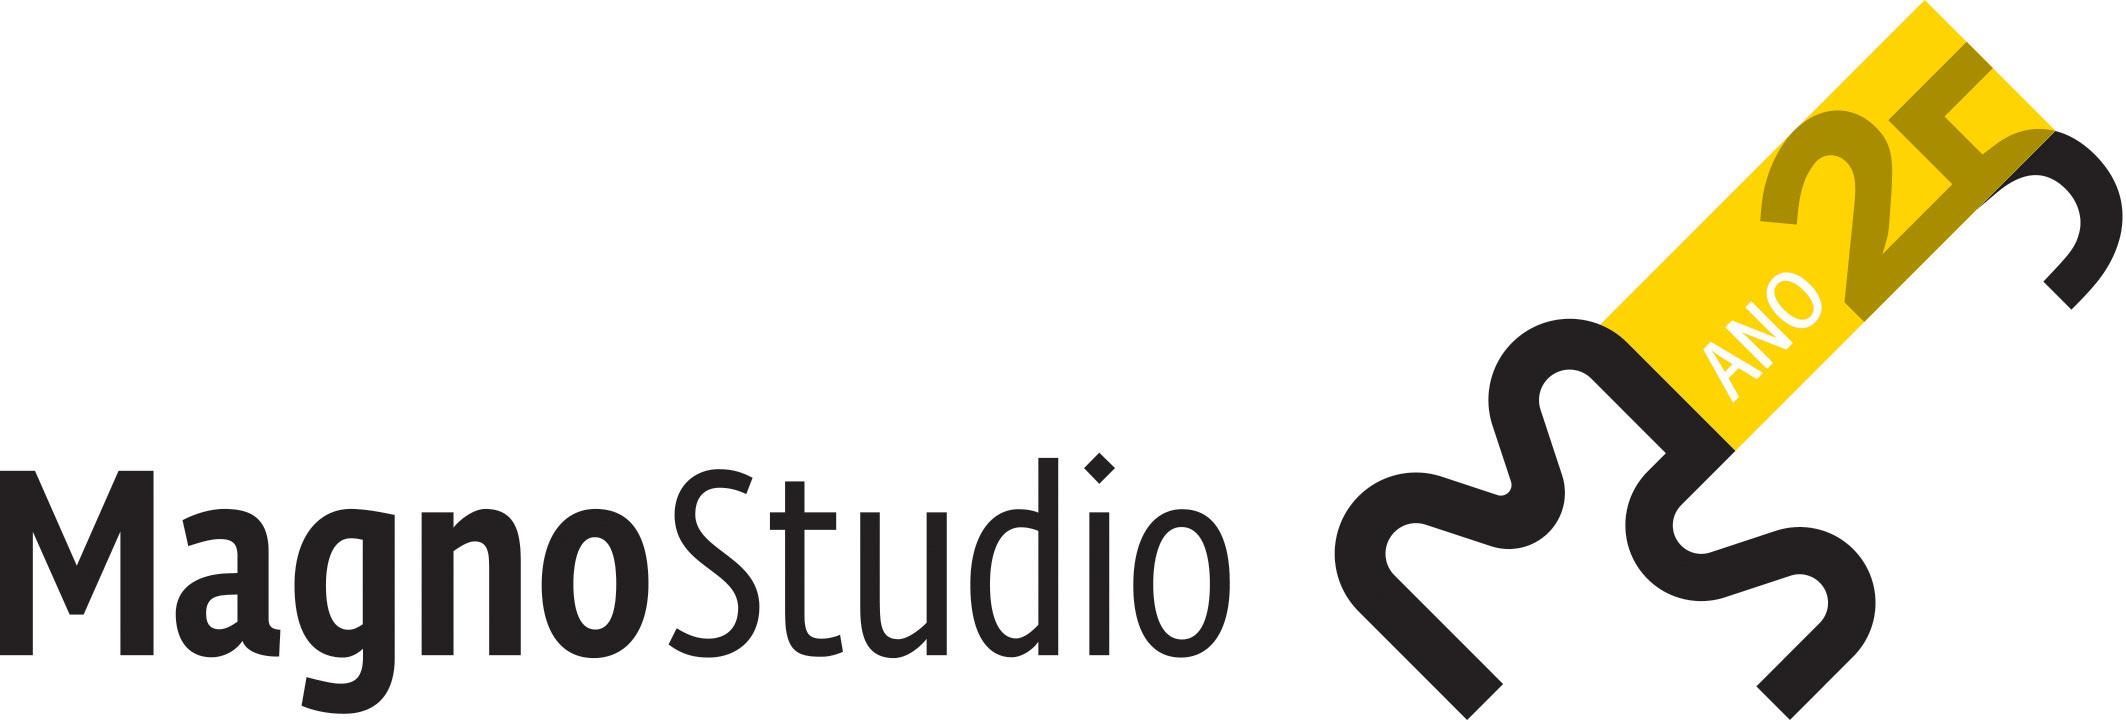 Magno Studio